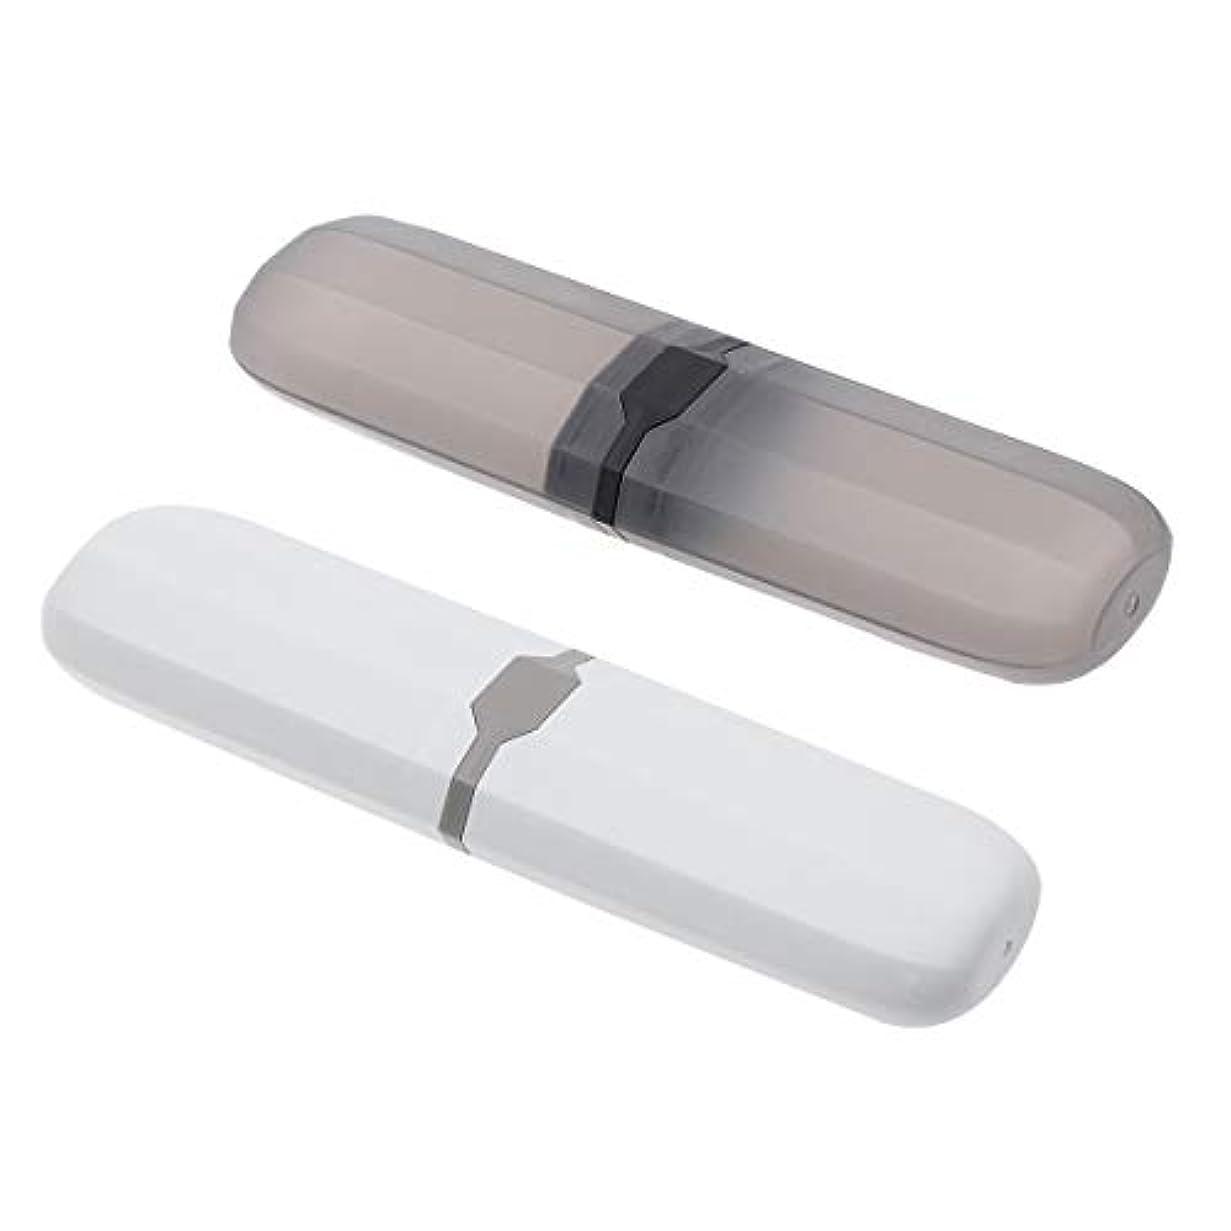 クラス幸運どのくらいの頻度でSUPVOX 2ピース旅行歯ブラシボックスポータブルプラスチック歯ブラシケース歯ブラシ収納ホルダー旅行キャンプ(黒と青)